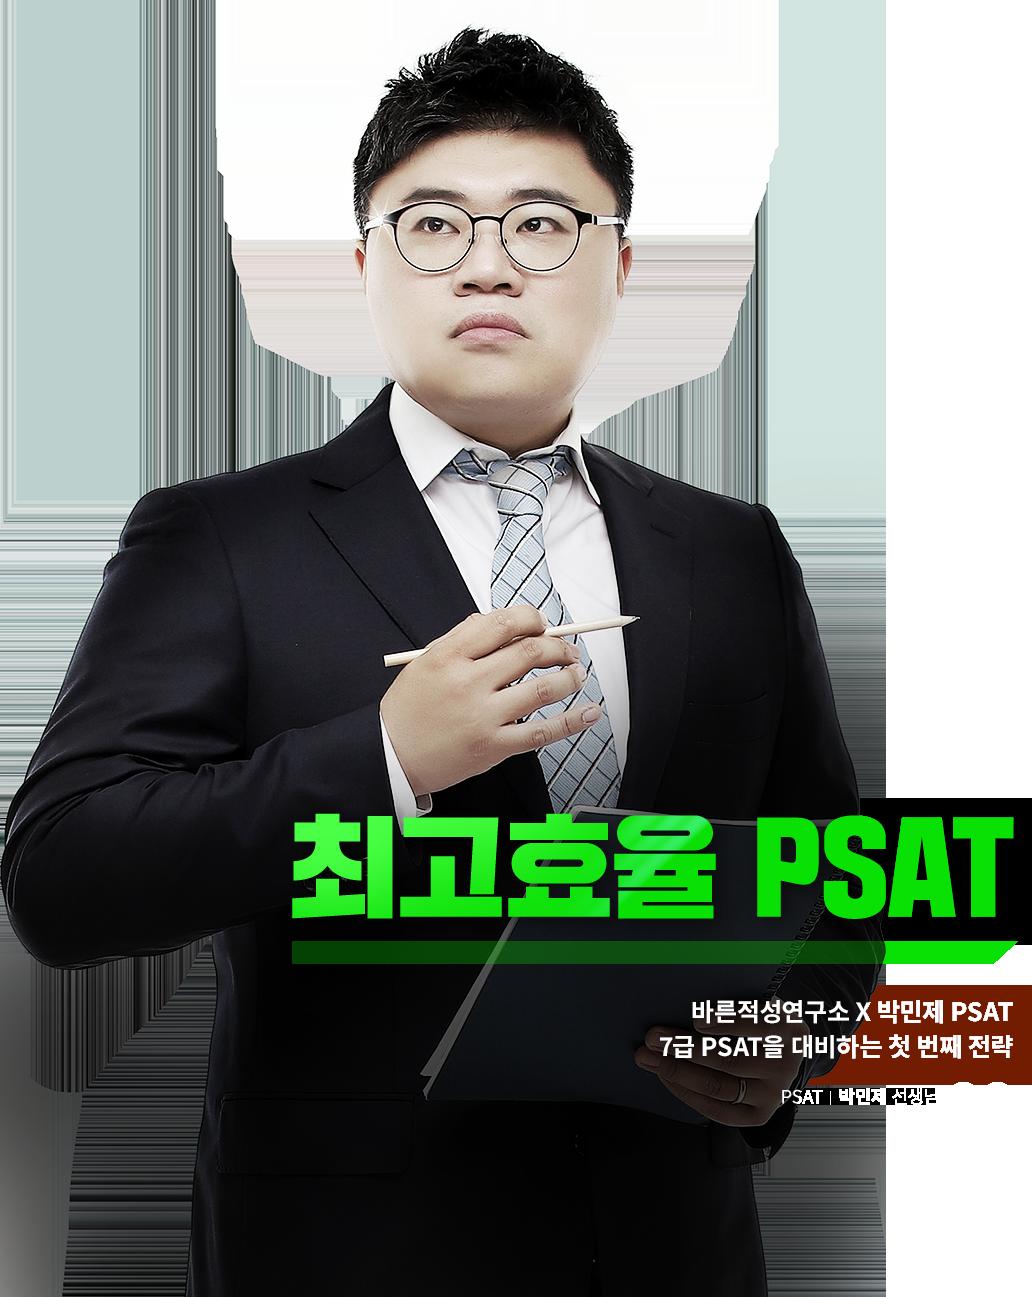 최고효율 PSAT